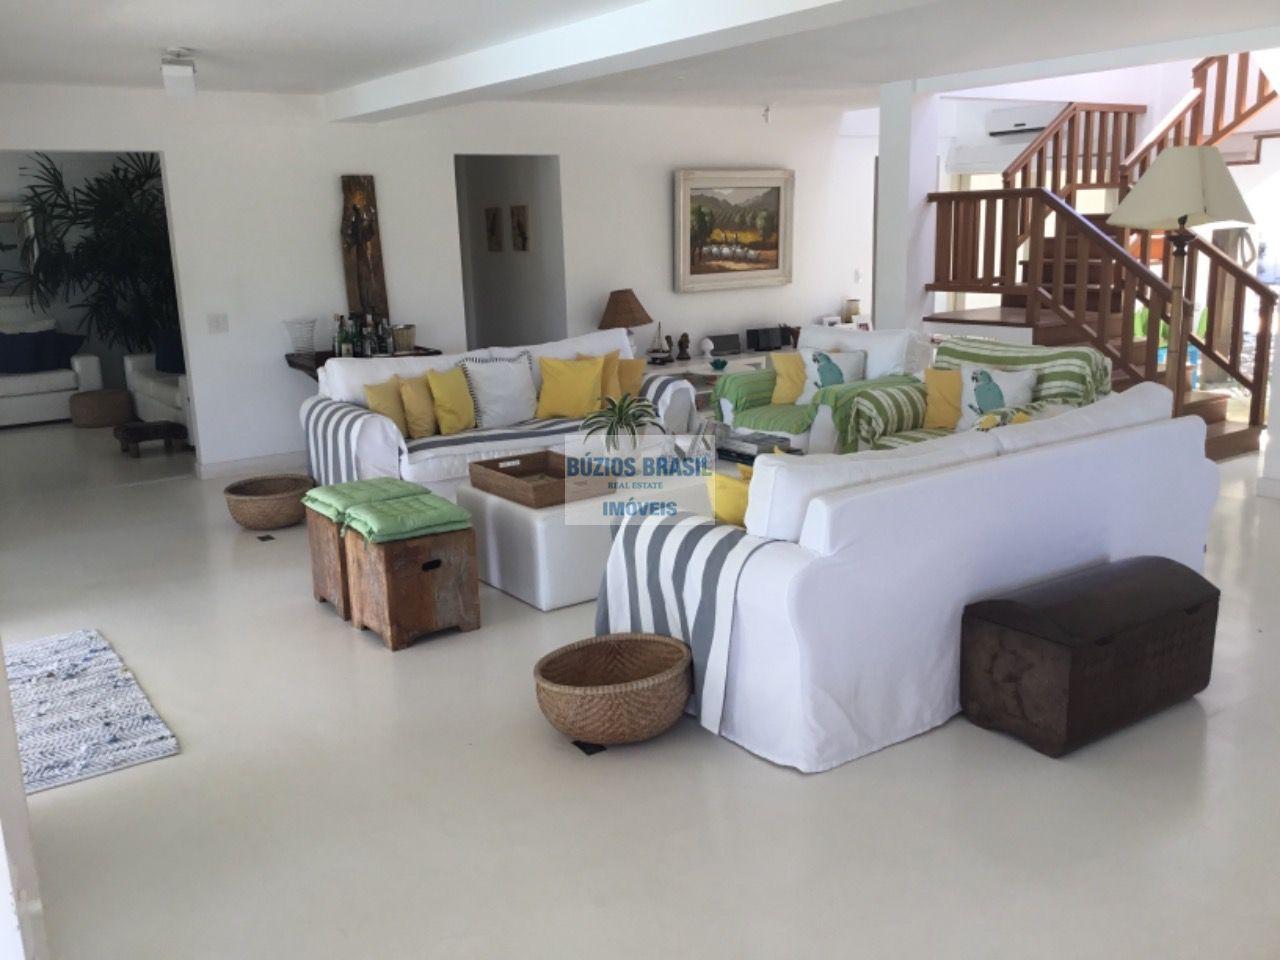 Casa 7 quartos para alugar Ferradura, Ferradura 70m Praia,Armação dos Búzios - LTFR1 - 3